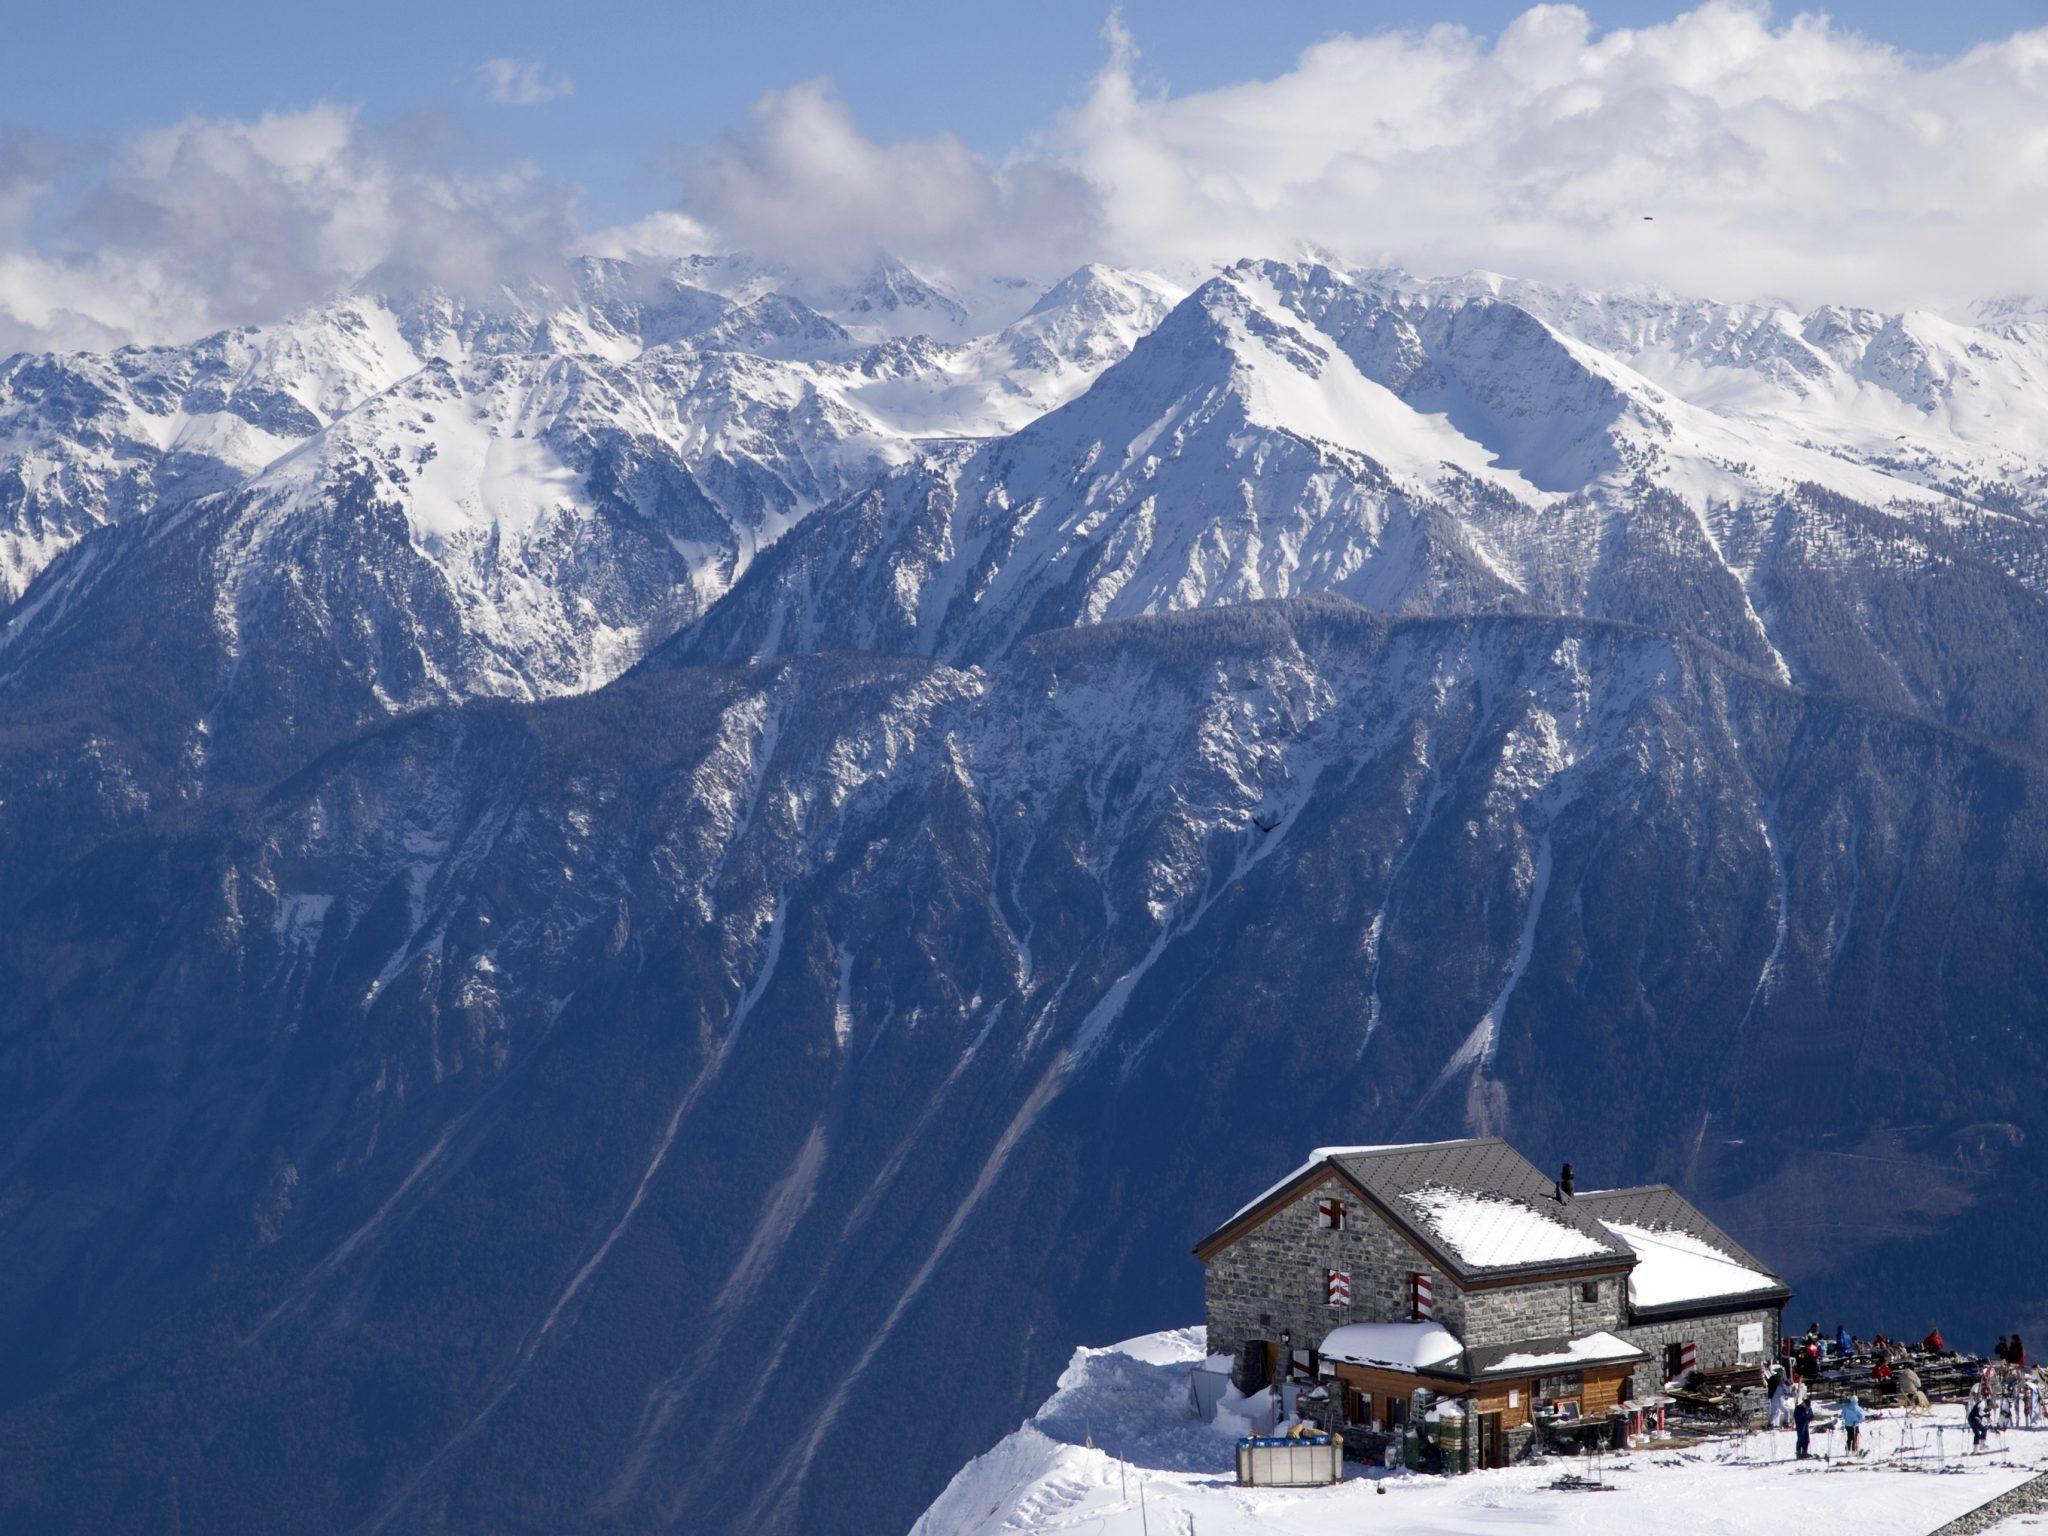 Prendo un rifugio ne faccio un business millionaire for Rifugio in baita di montagna